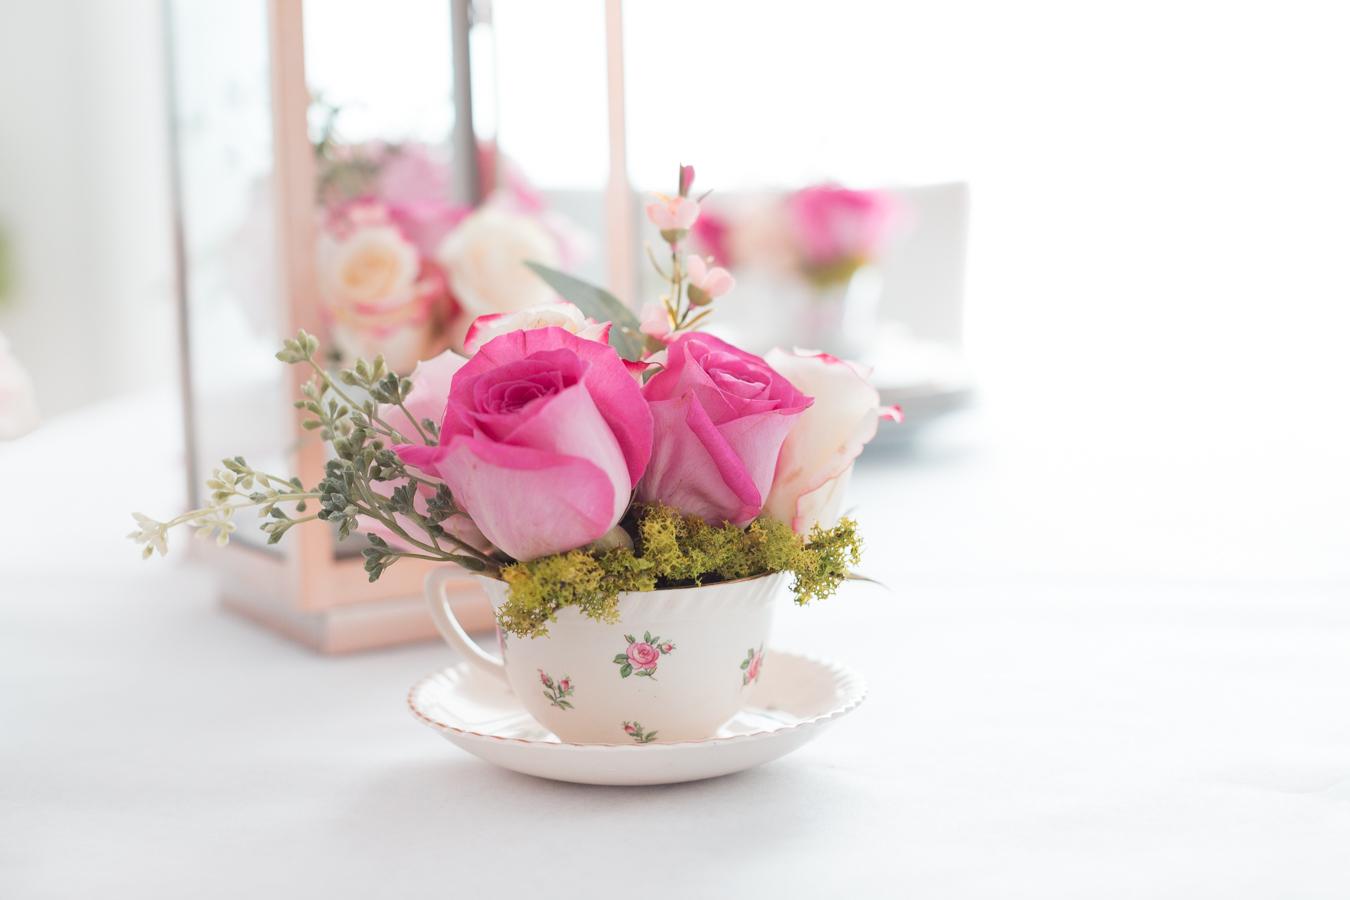 teacupflowerarrangementcraftberrybush-5